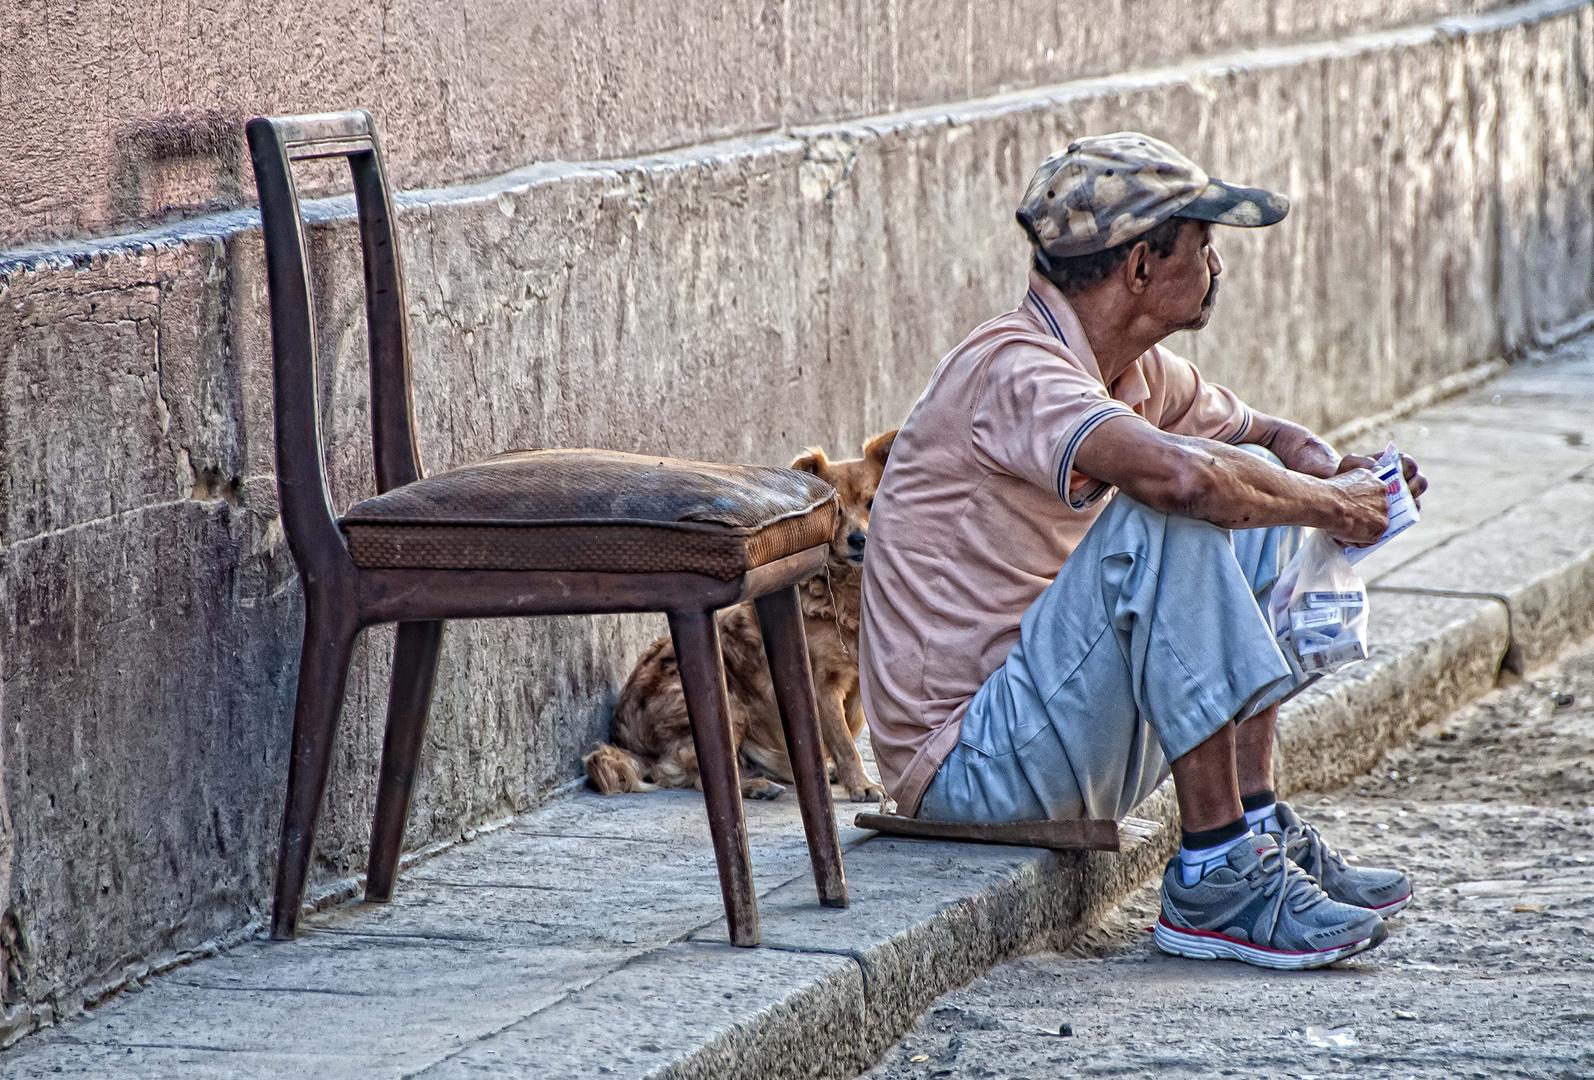 La Habana - 13